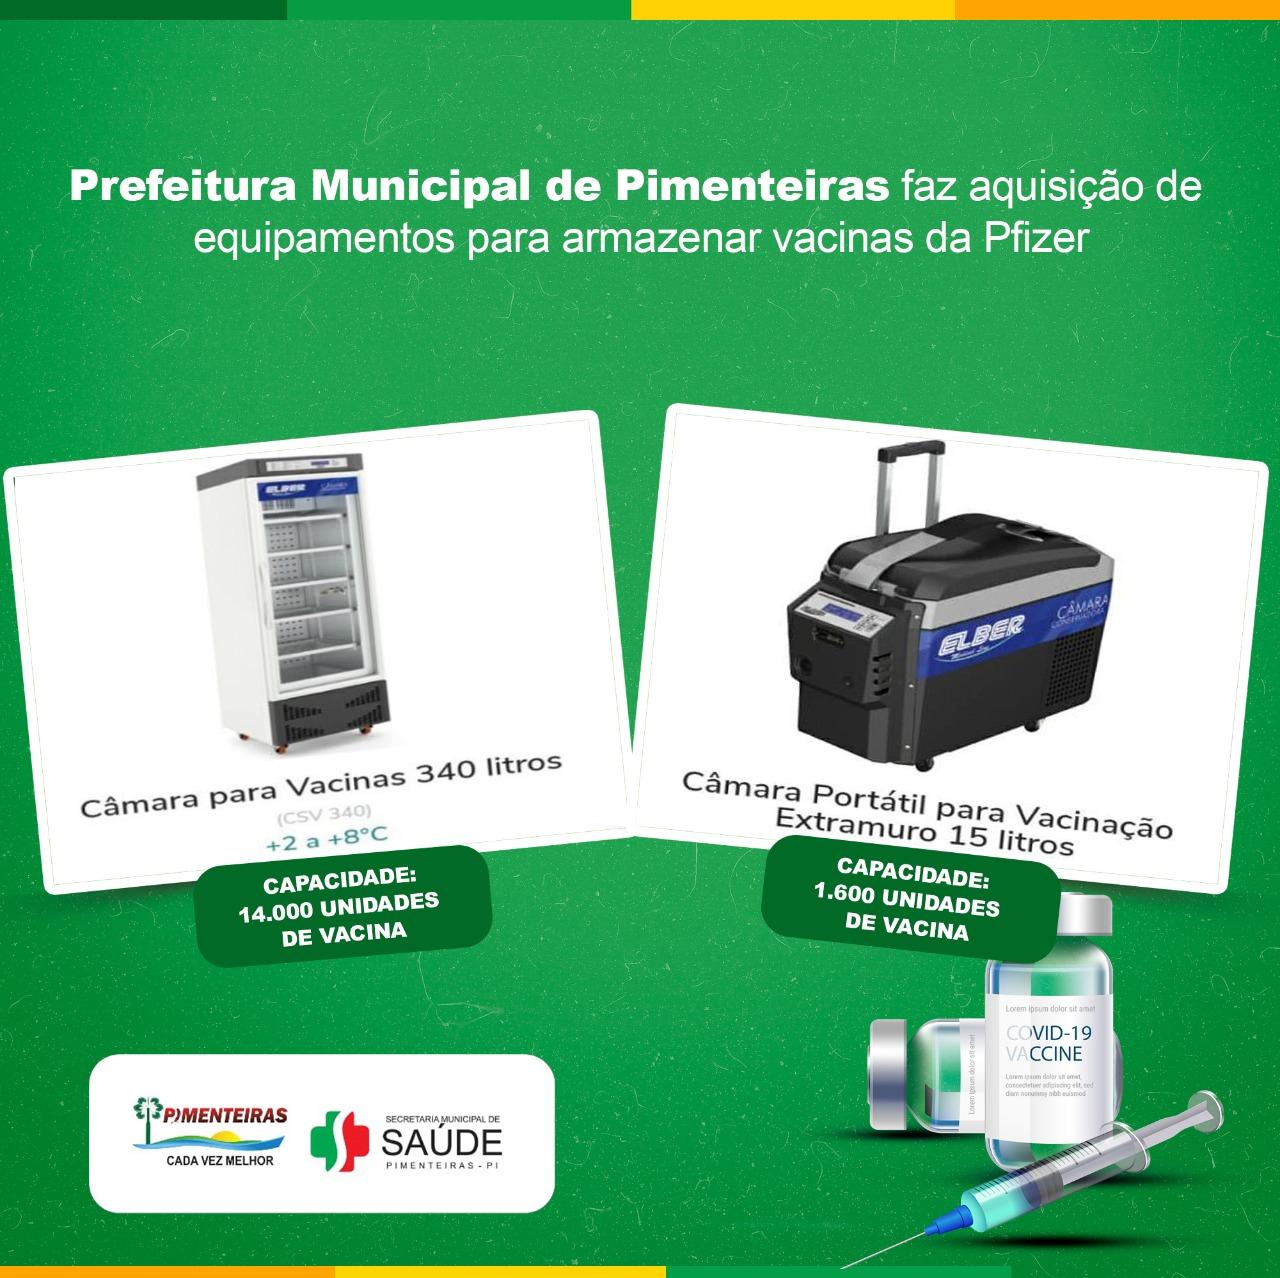 Prefeitura Municipal de Pimenteiras faz aquisição de equipamentos para armazenar vacinas da Pfizer